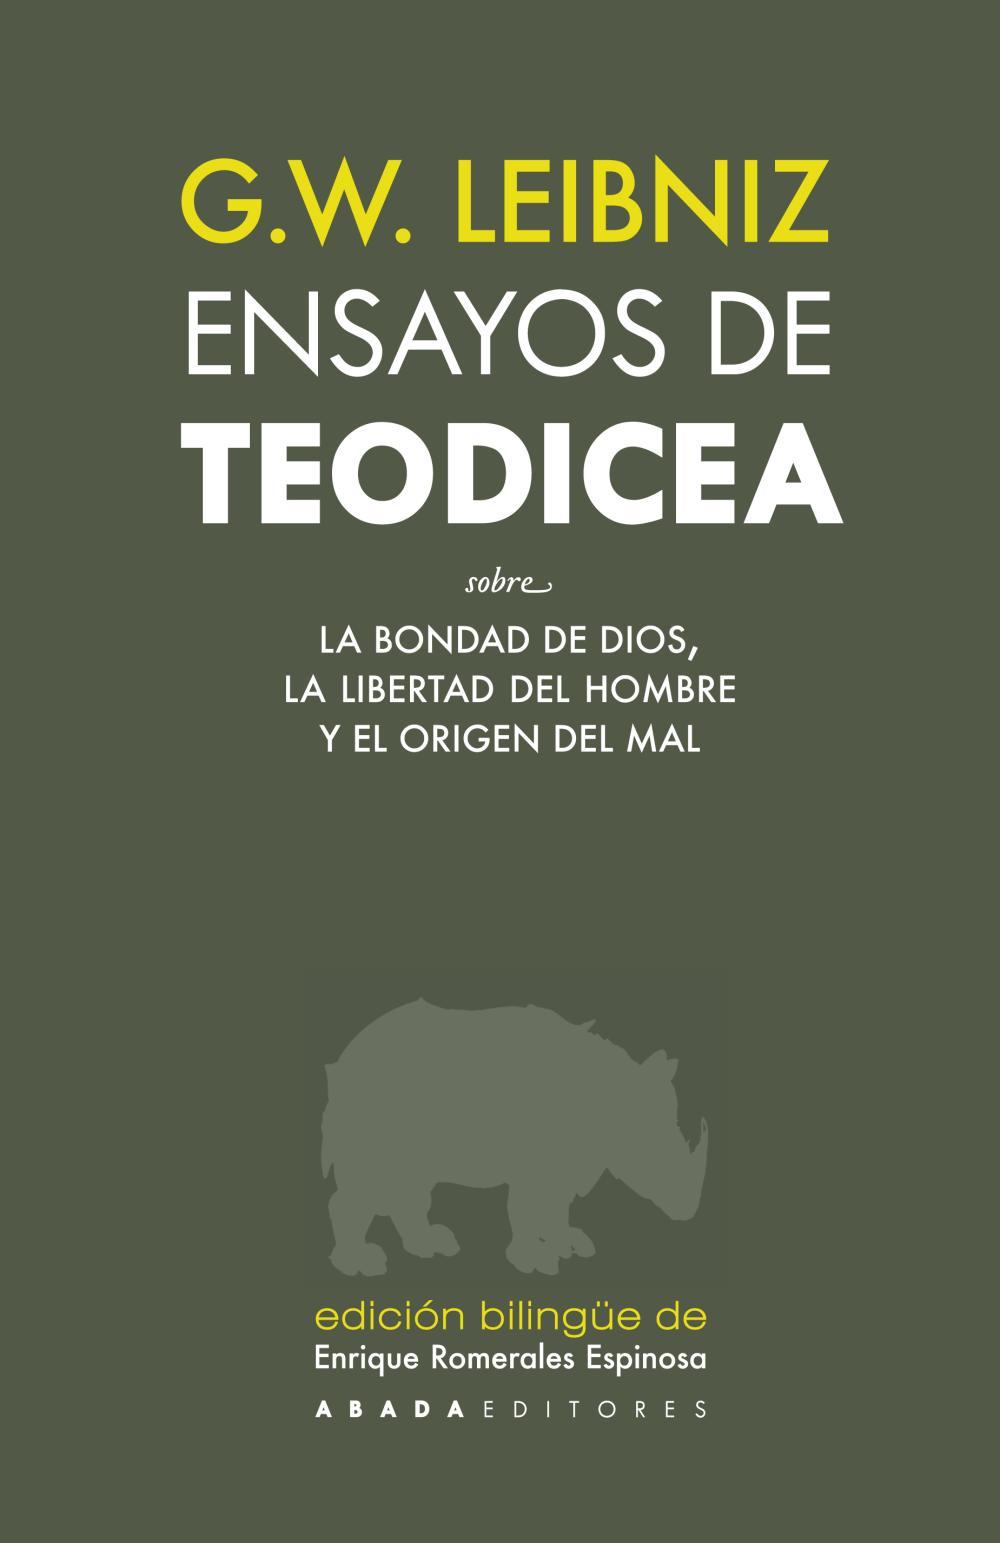 Ensayos de Teodicea